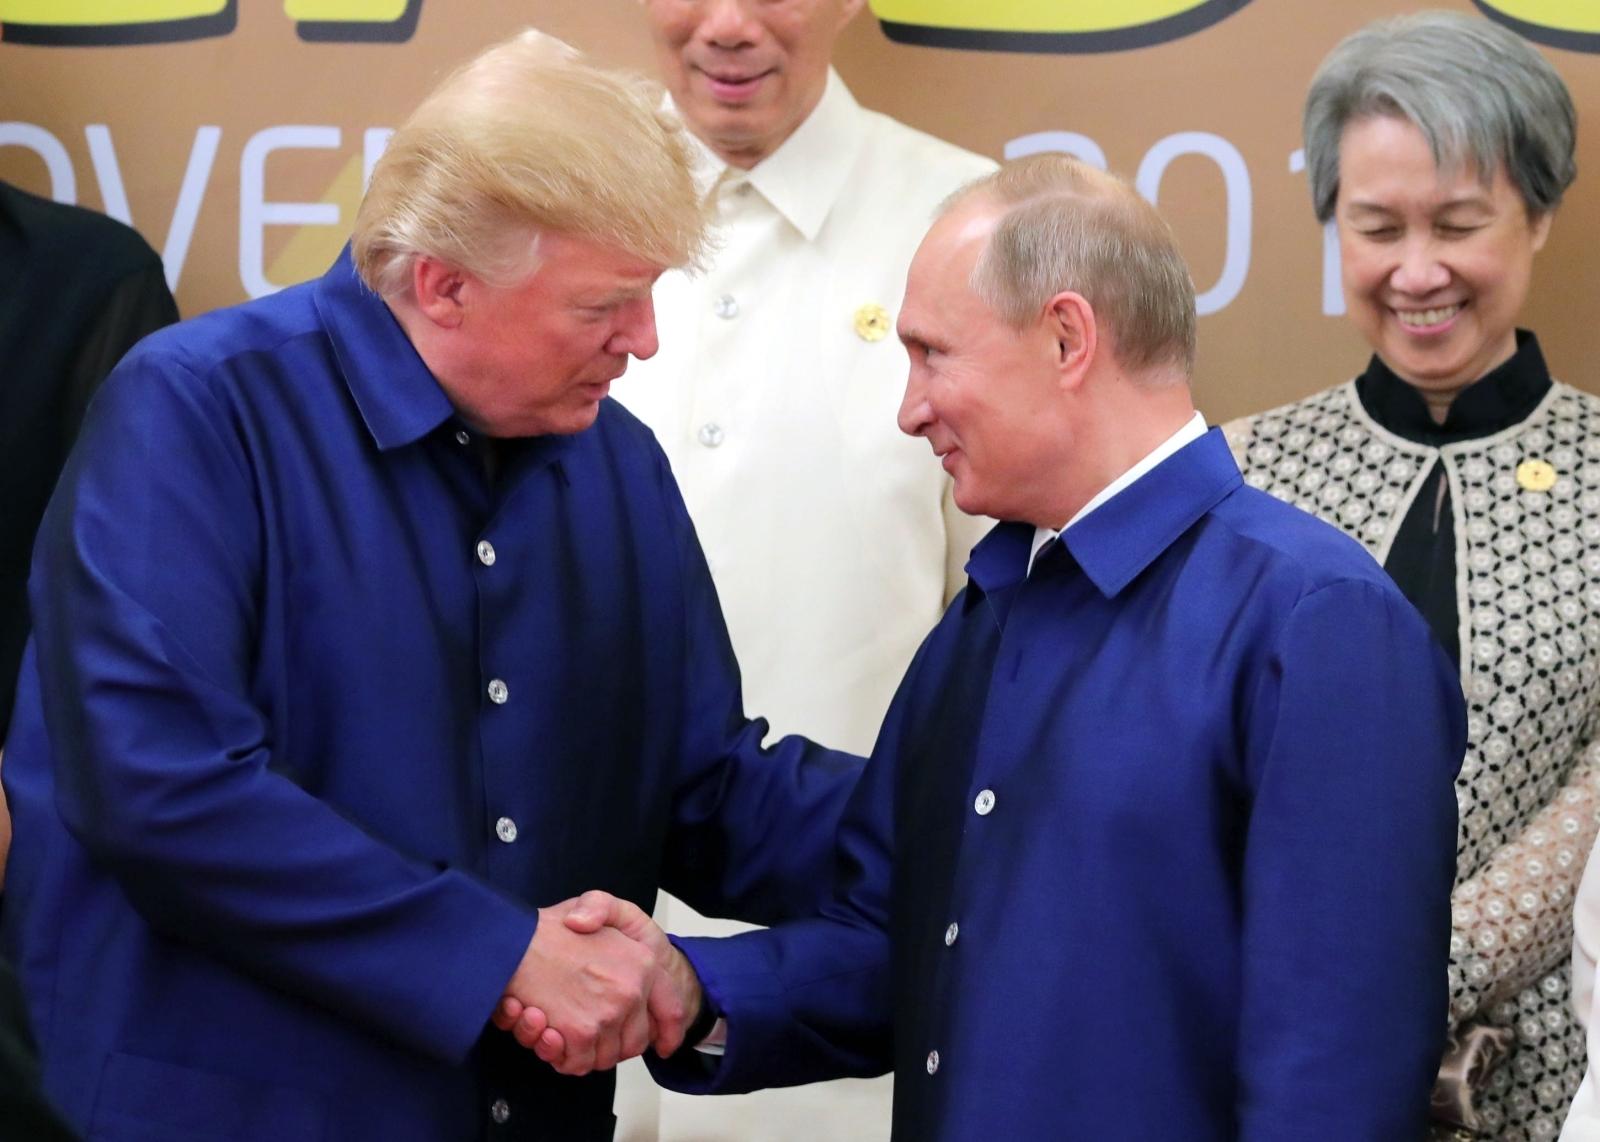 Trump and Putin shake hands in Vietnam